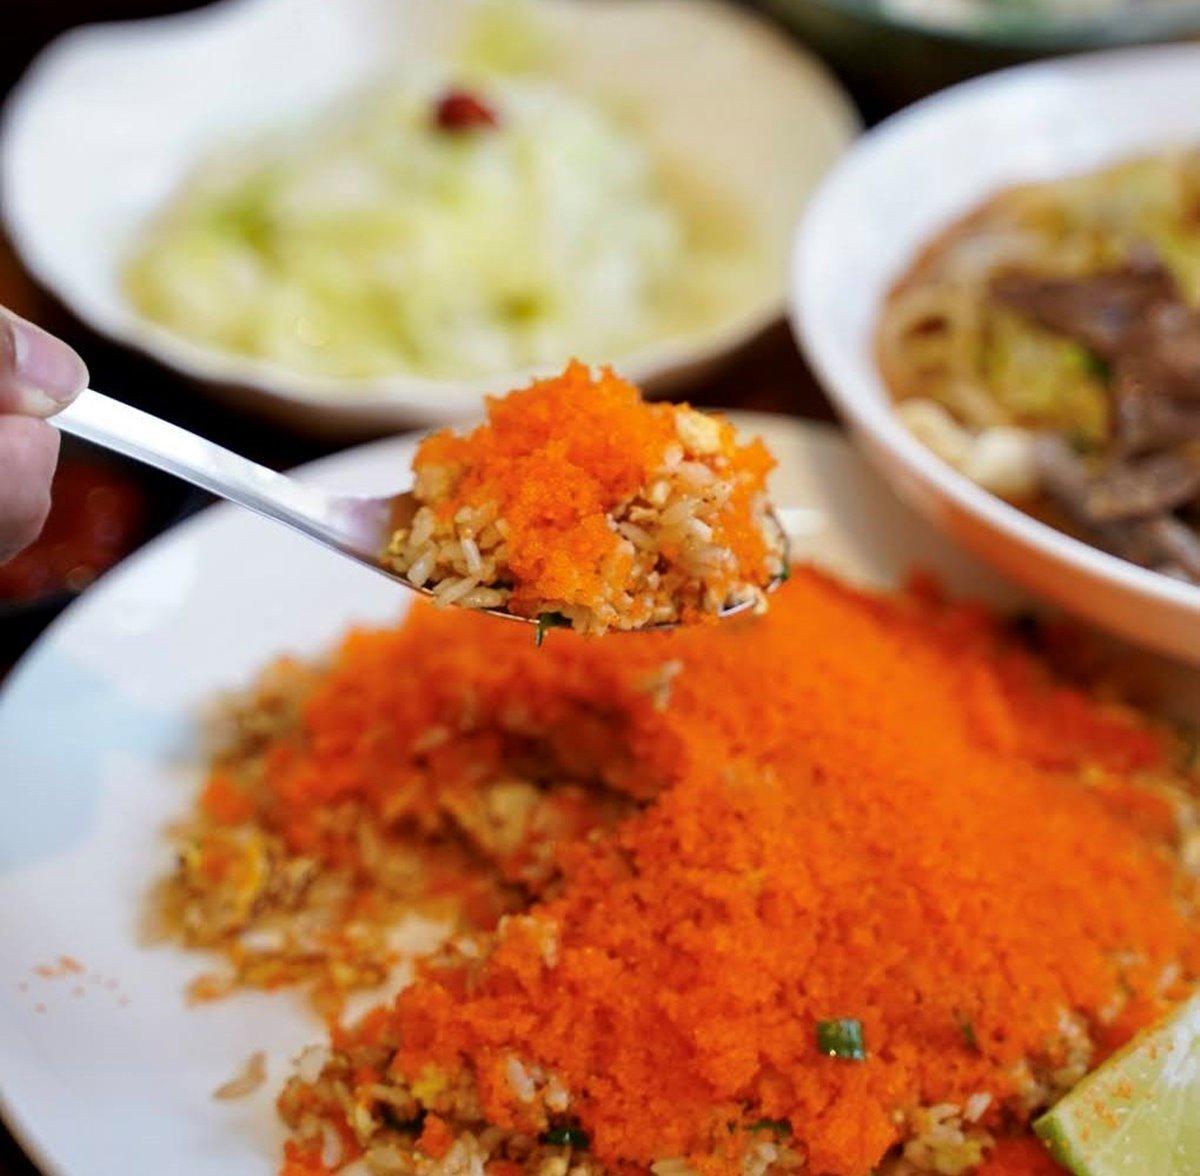 吸睛度破表!新竹人狂推「很難吃炒飯」有滿滿魚卵,爆料鮮甜蛤蜊湯也必點